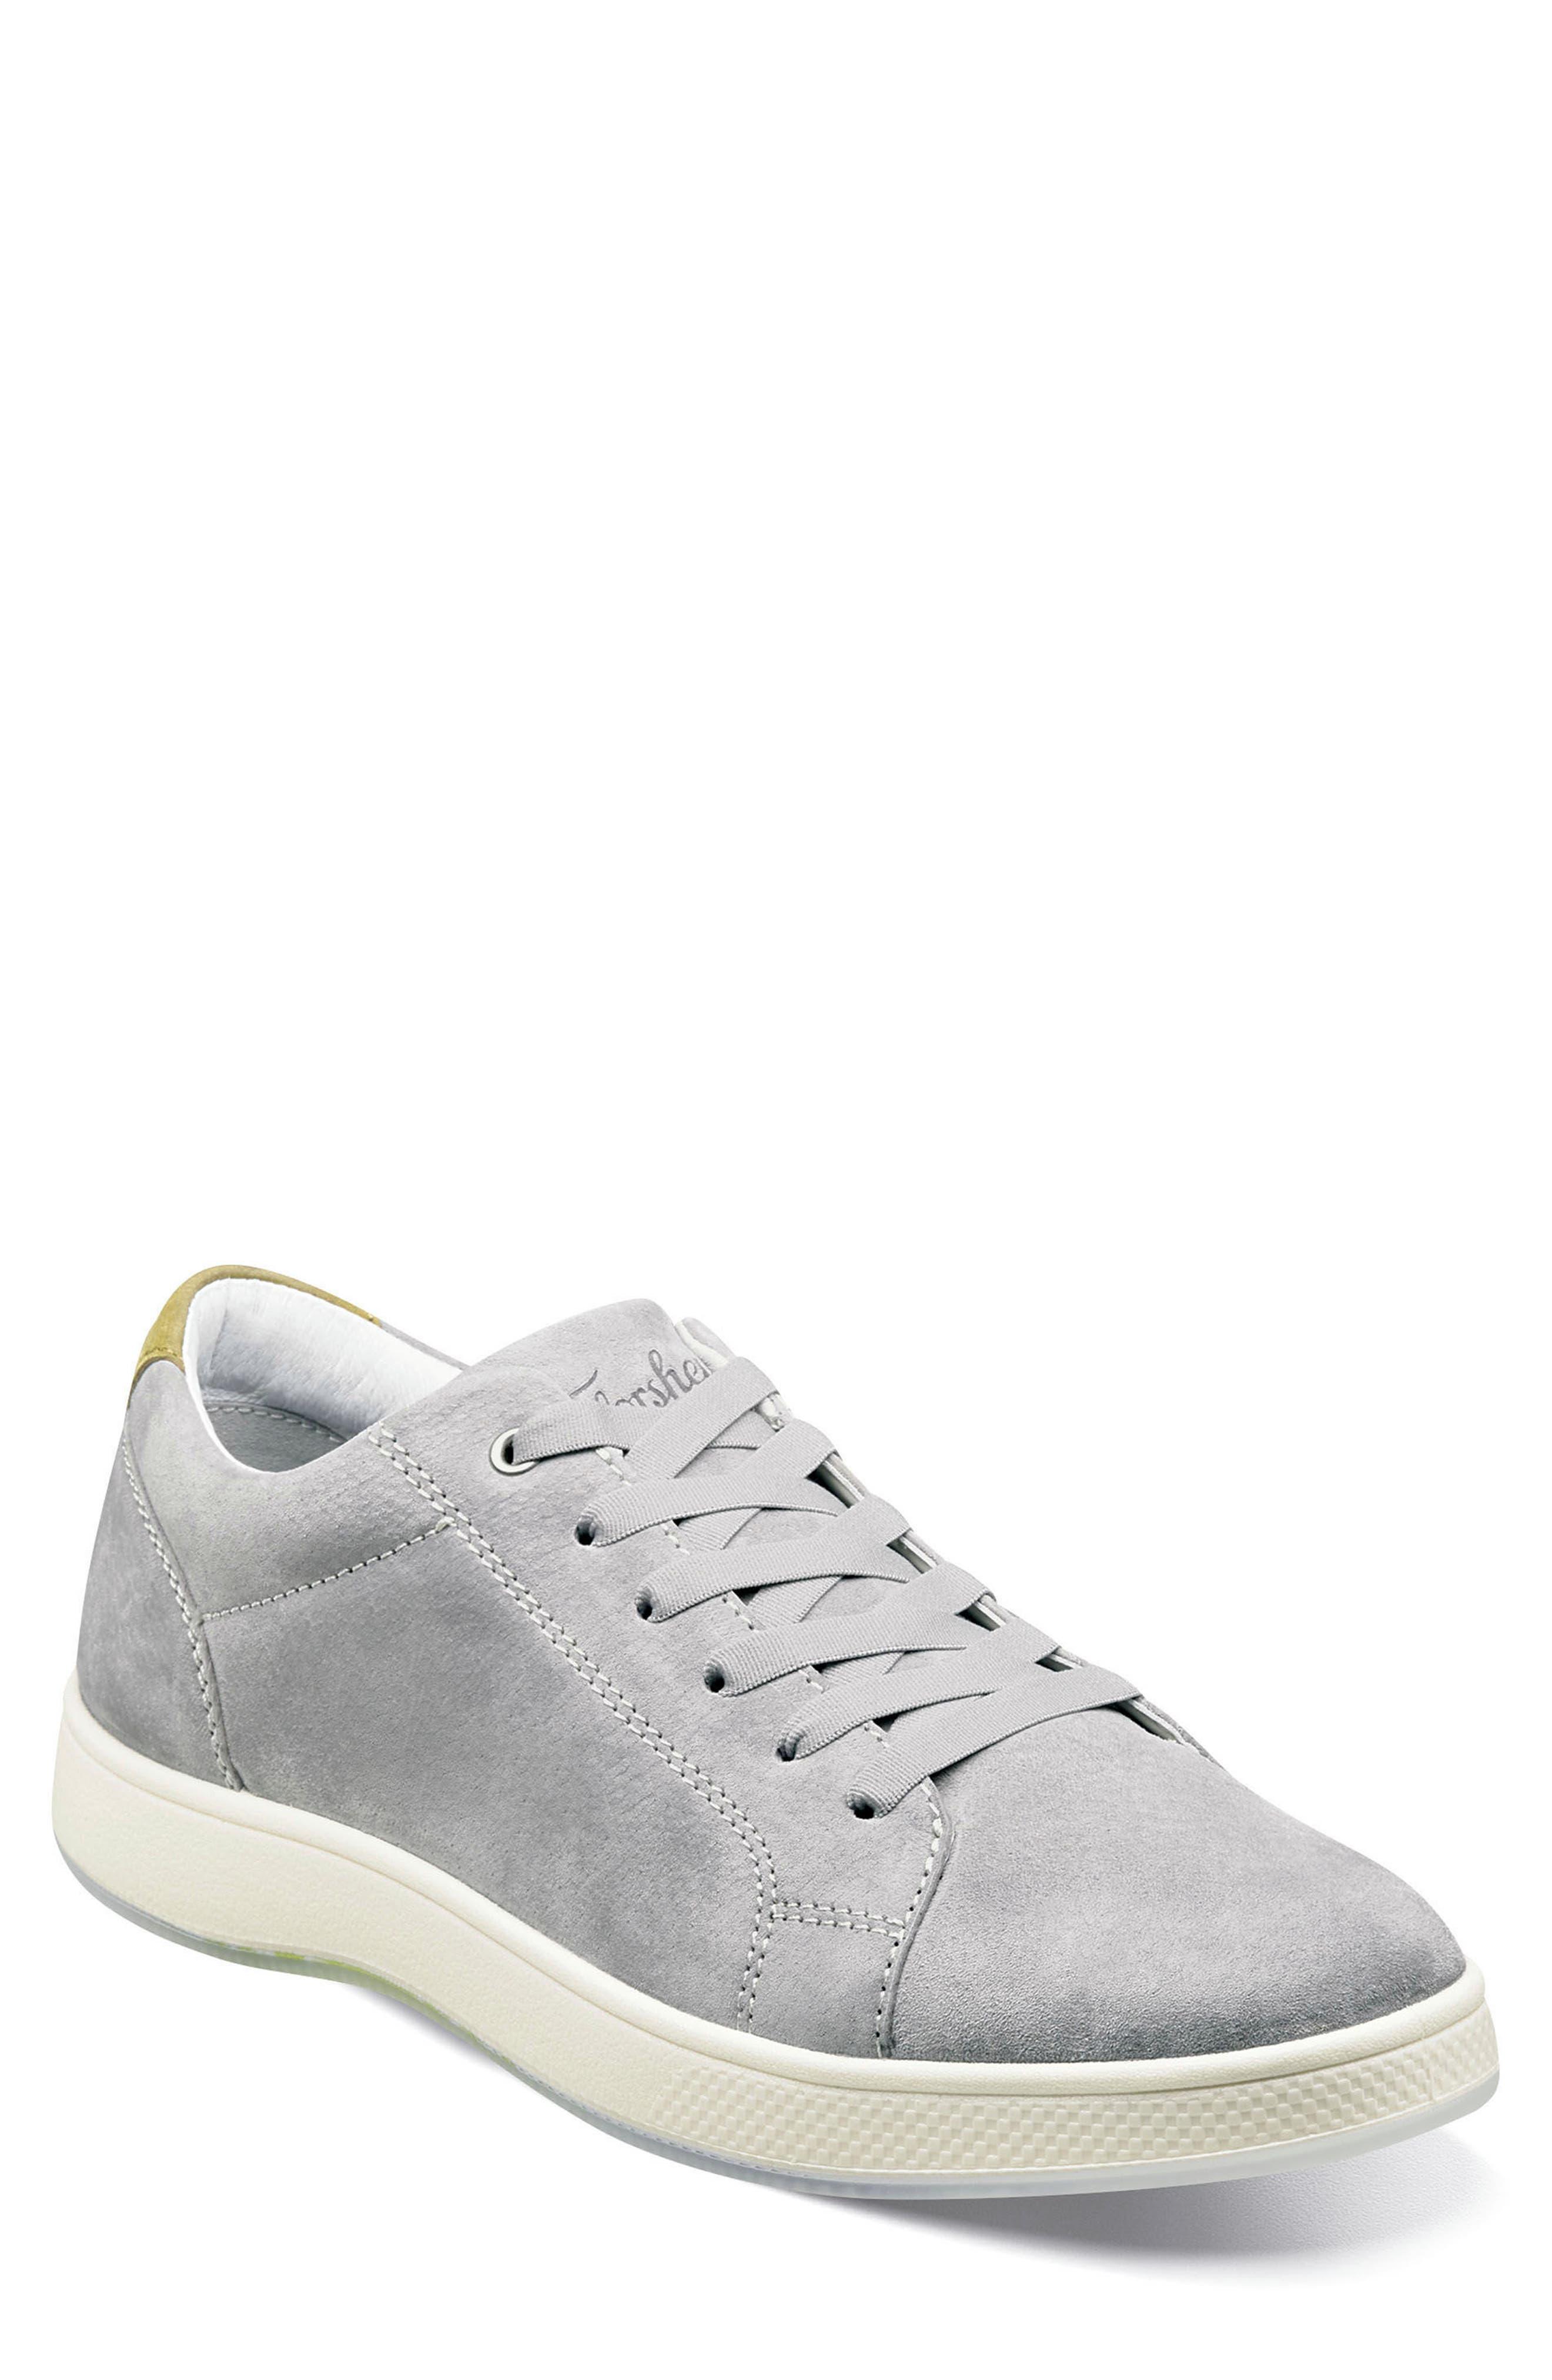 Main Image - Florsheim Edge Low Top Sneaker (Men)